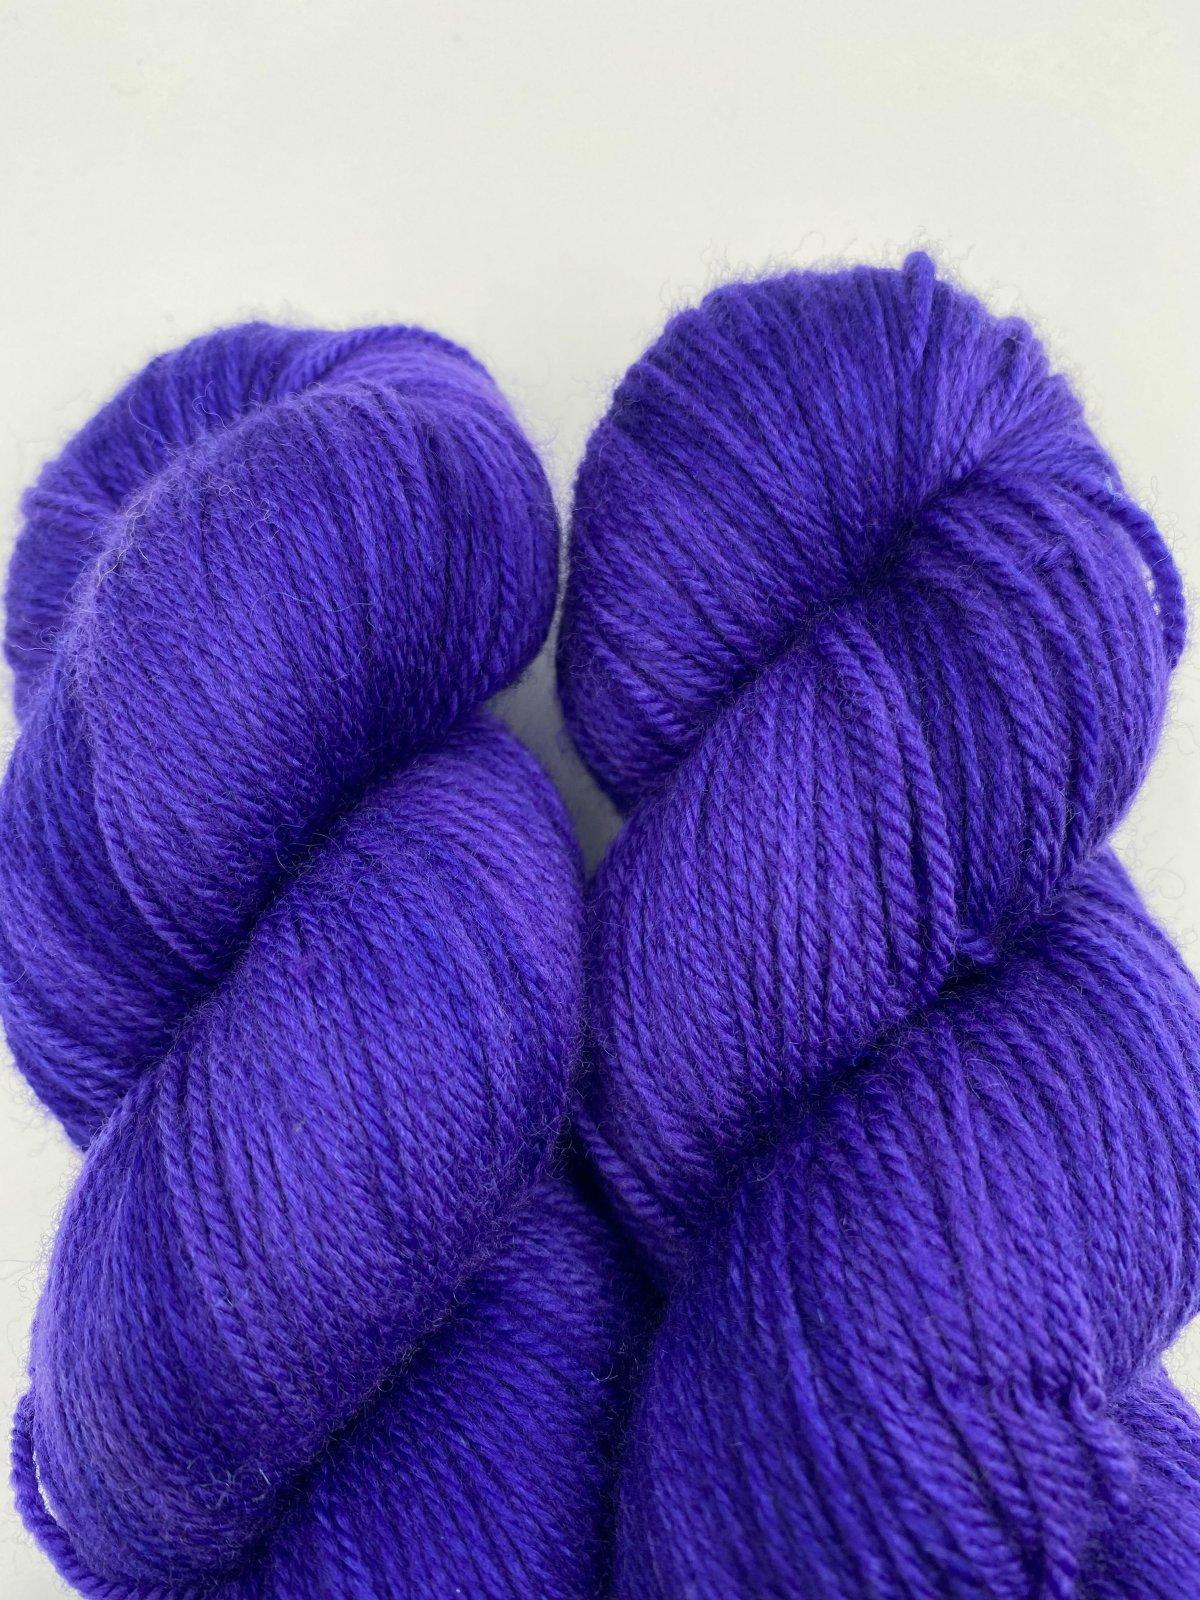 Zen Yarn Garden Binge Knit DK - Nailed It!